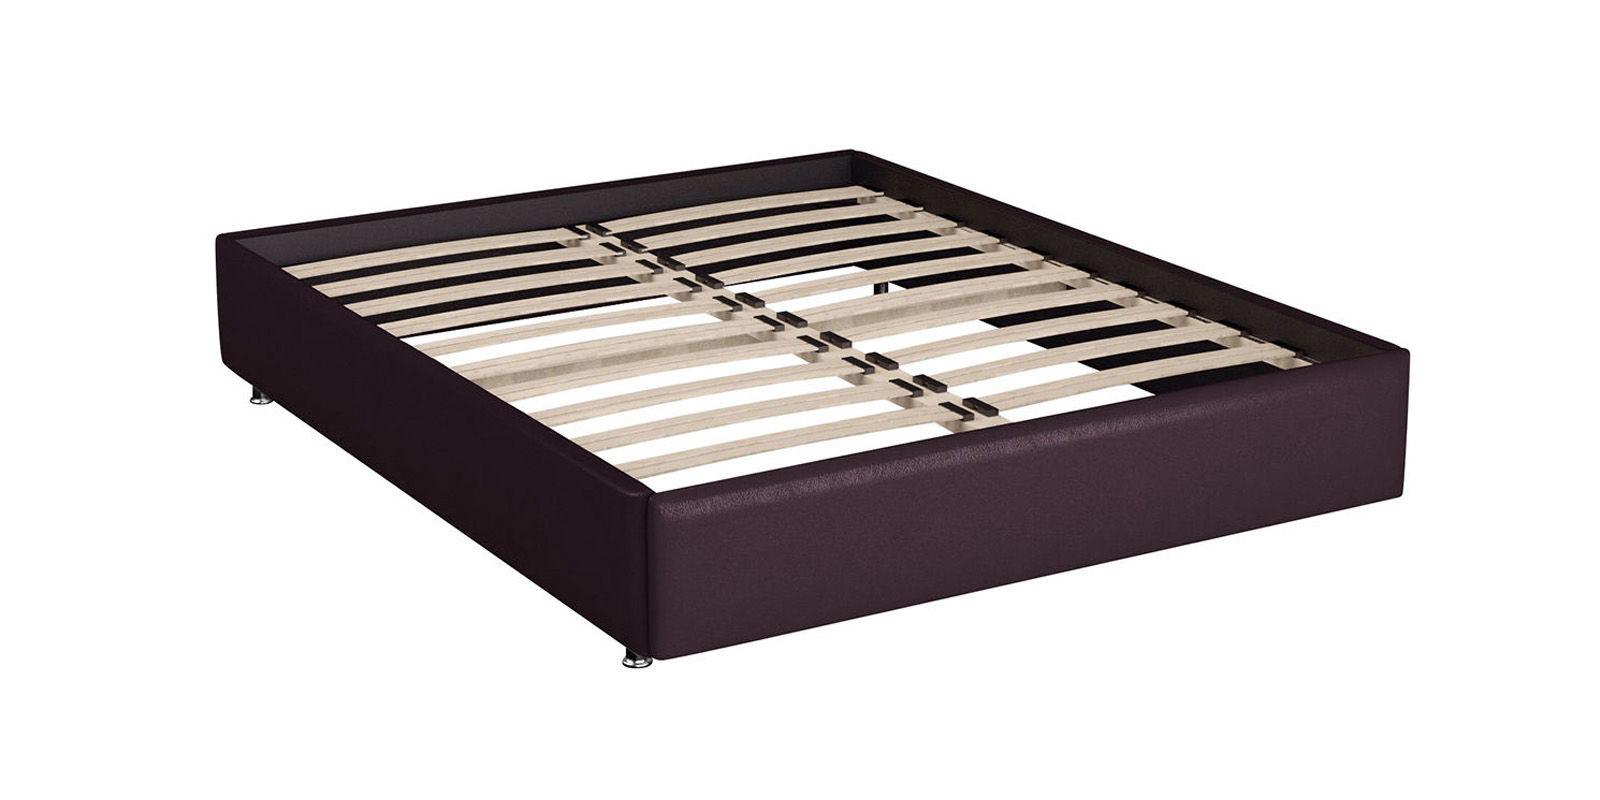 Мягкая кровать 200х160 Малибу вариант №8 с ортопедическим основанием (Бежевый/Шоколад)